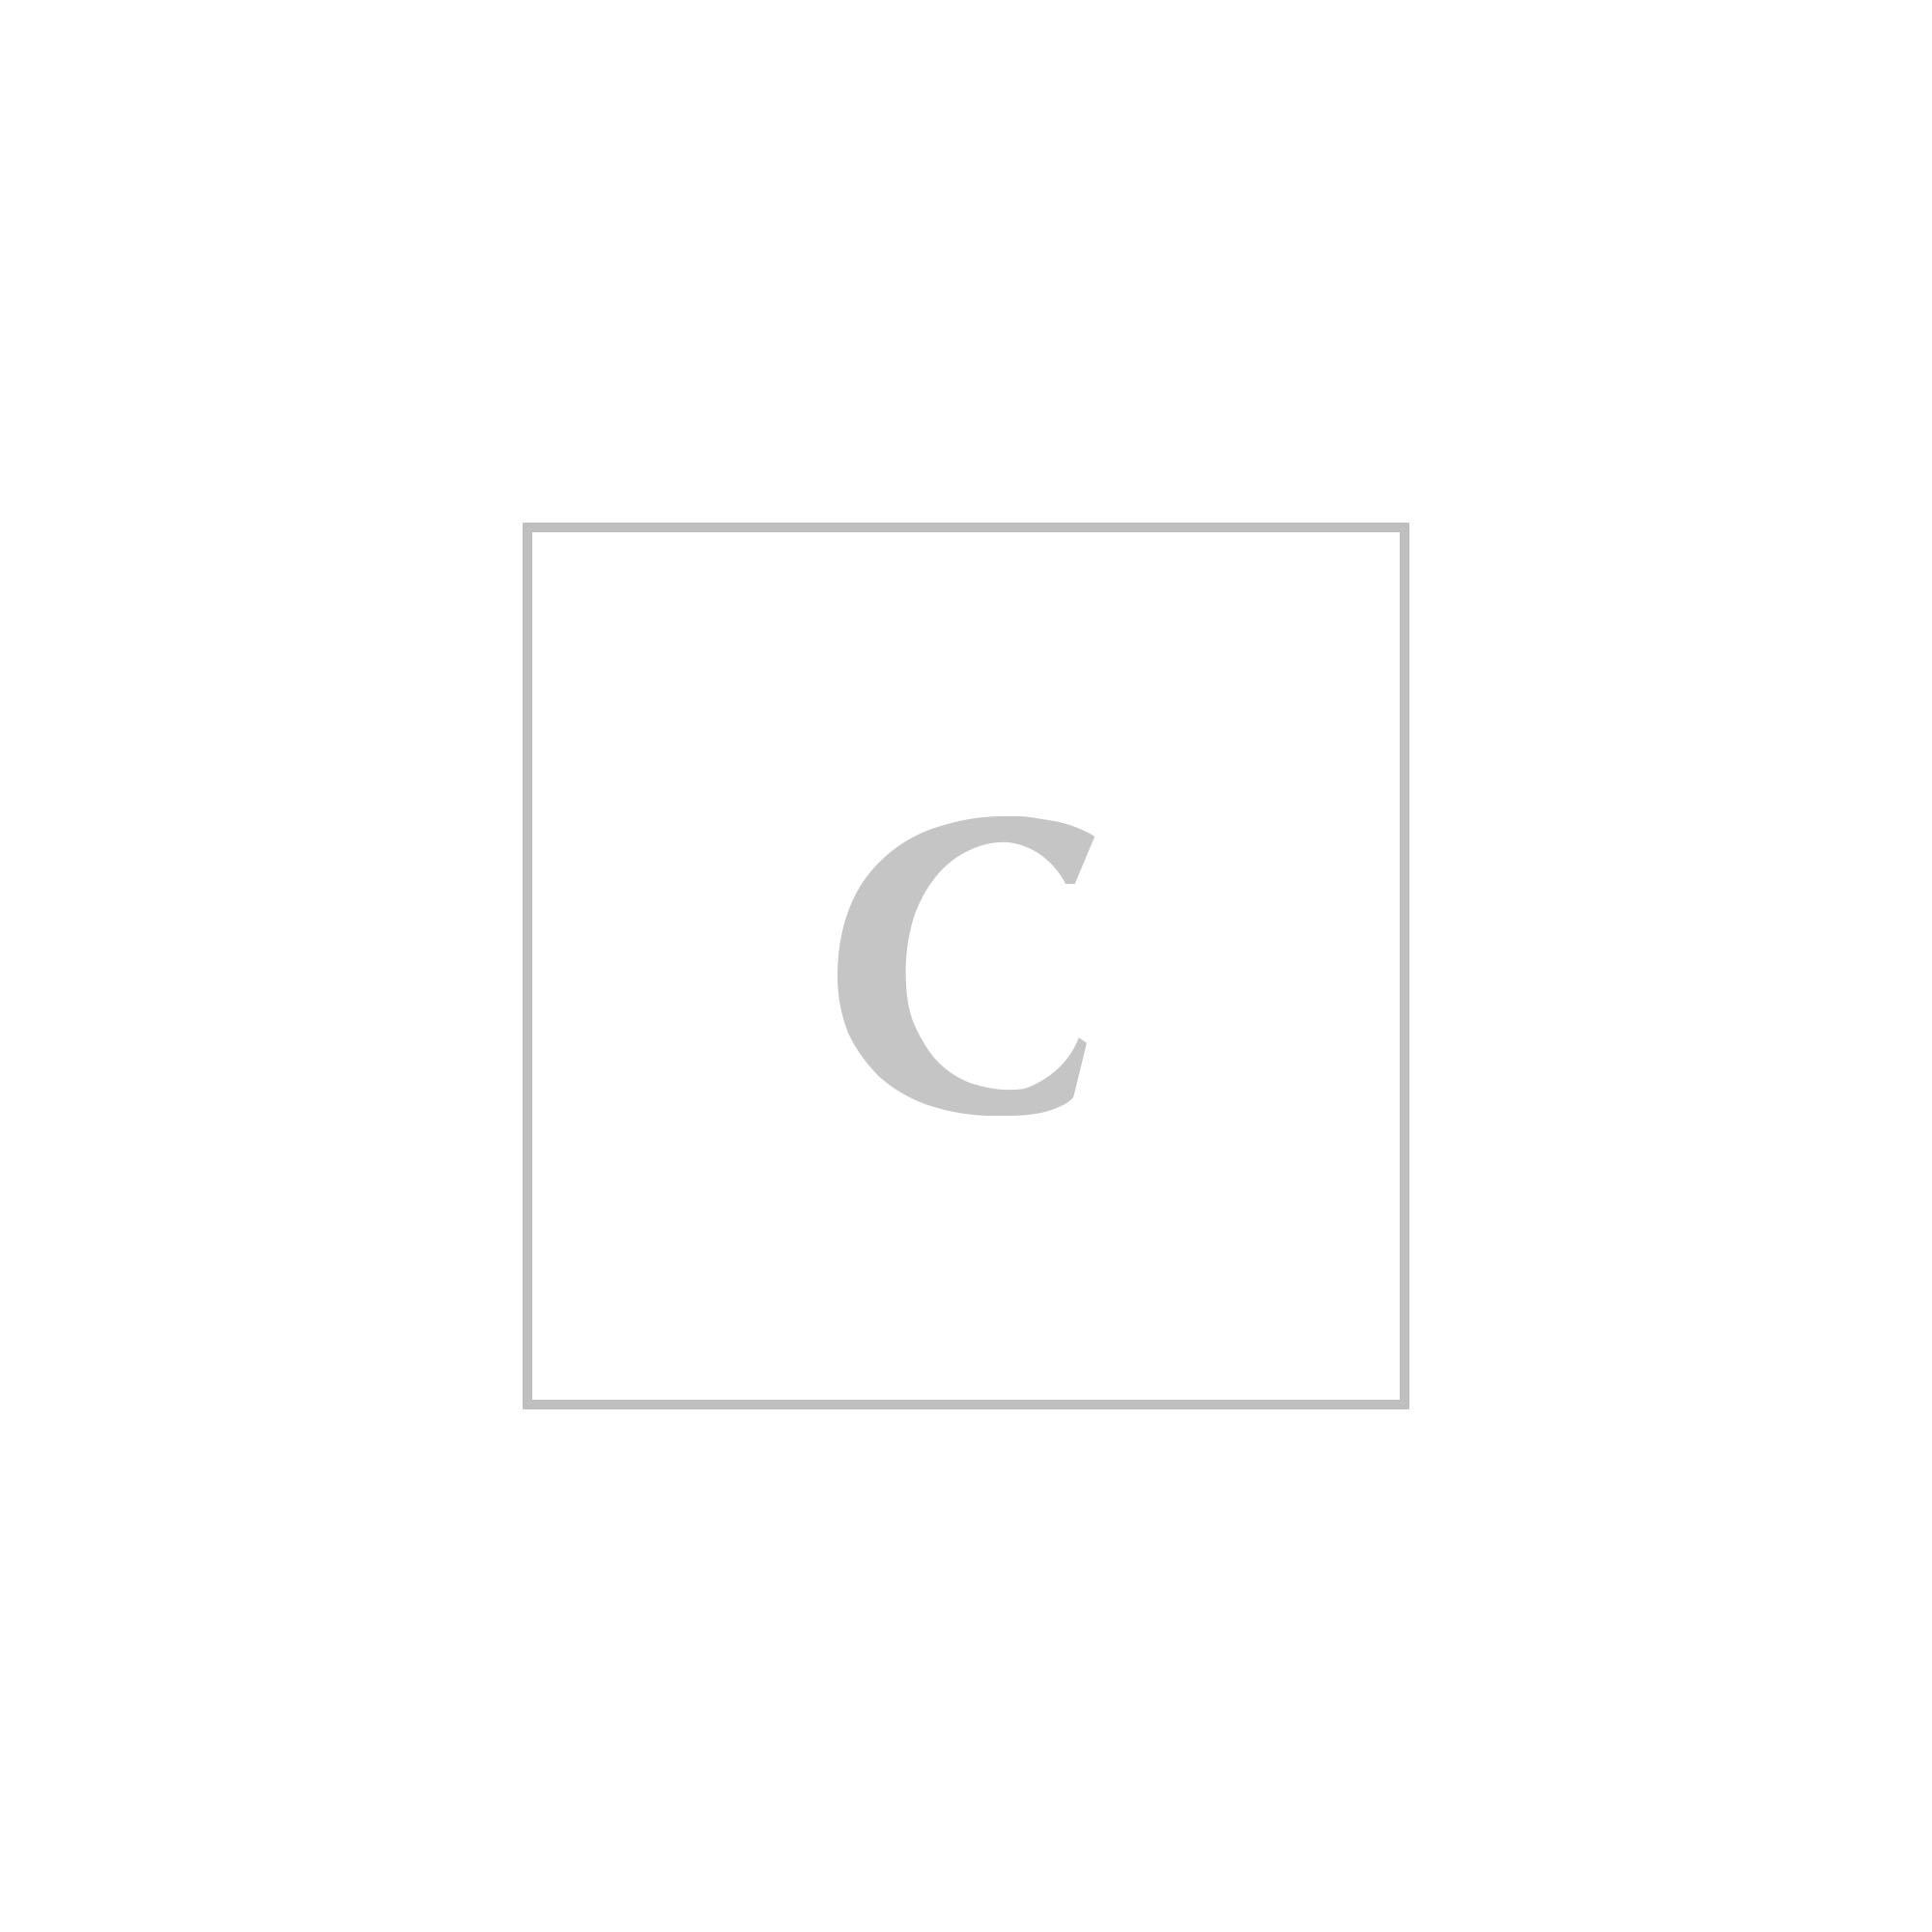 Moncler capsule avery jacket